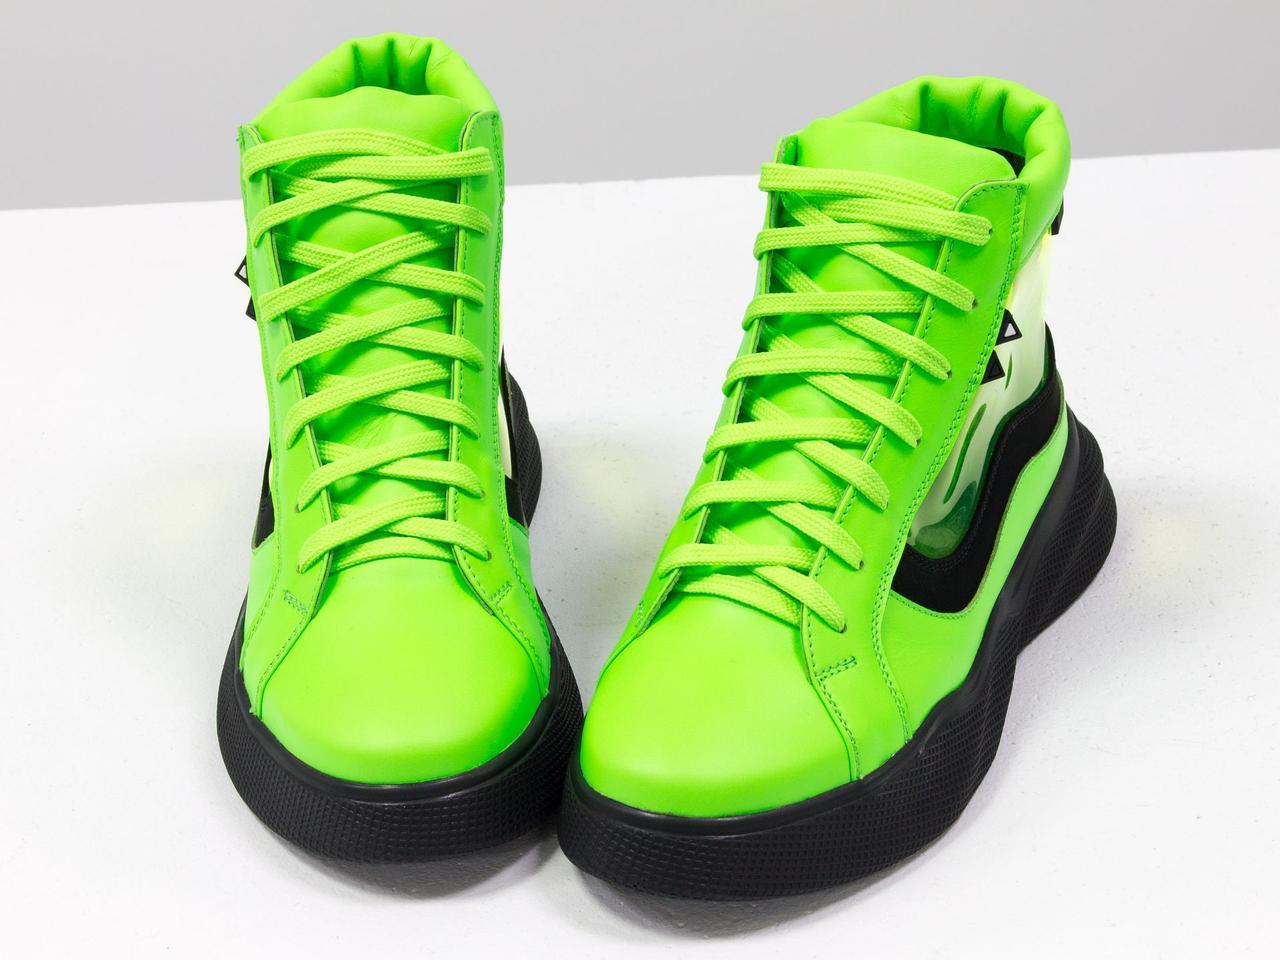 Дизайнерские прозрачные ботинки из натуральной неоновой кожи салатового и черного цвета - фото 4